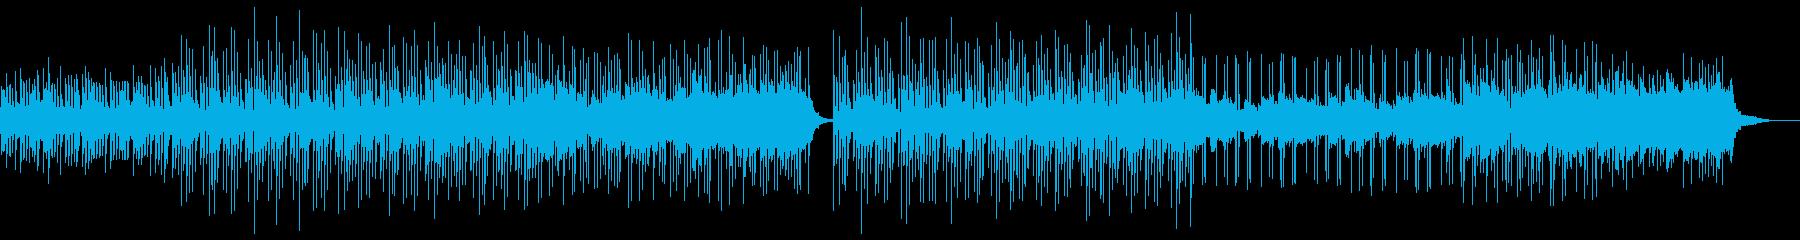 ポエトリー・シンセ・ゆっくり・落ち着いたの再生済みの波形